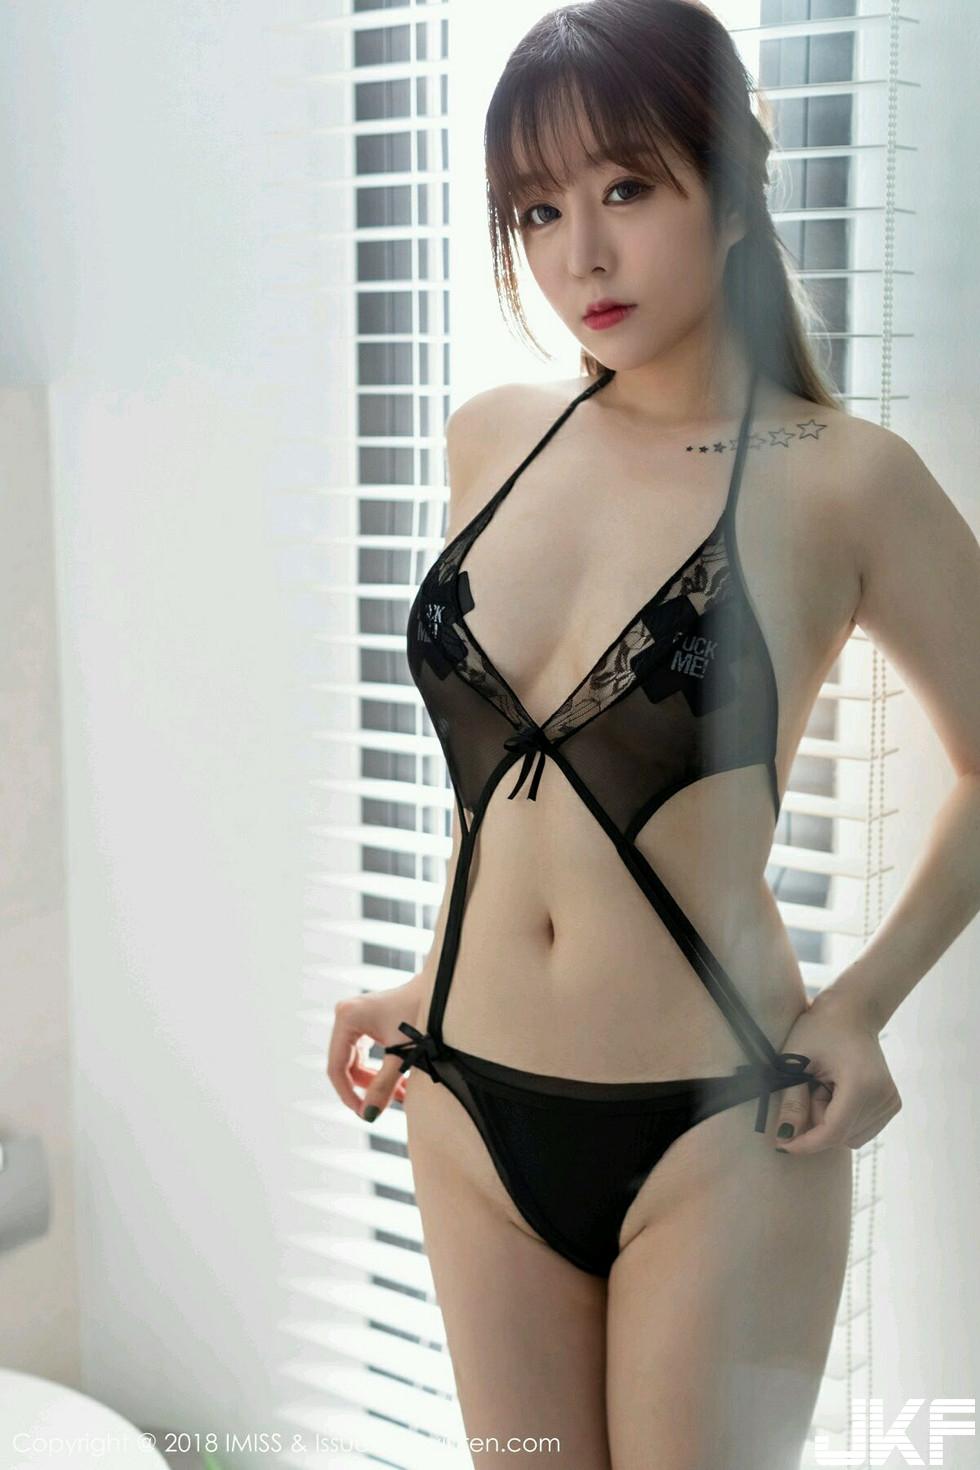 嫩模女神王雨純全裸上身露豪乳膠帶遮點無內黑絲褲襪誘惑寫真 - 貼圖 - 清涼寫真 -